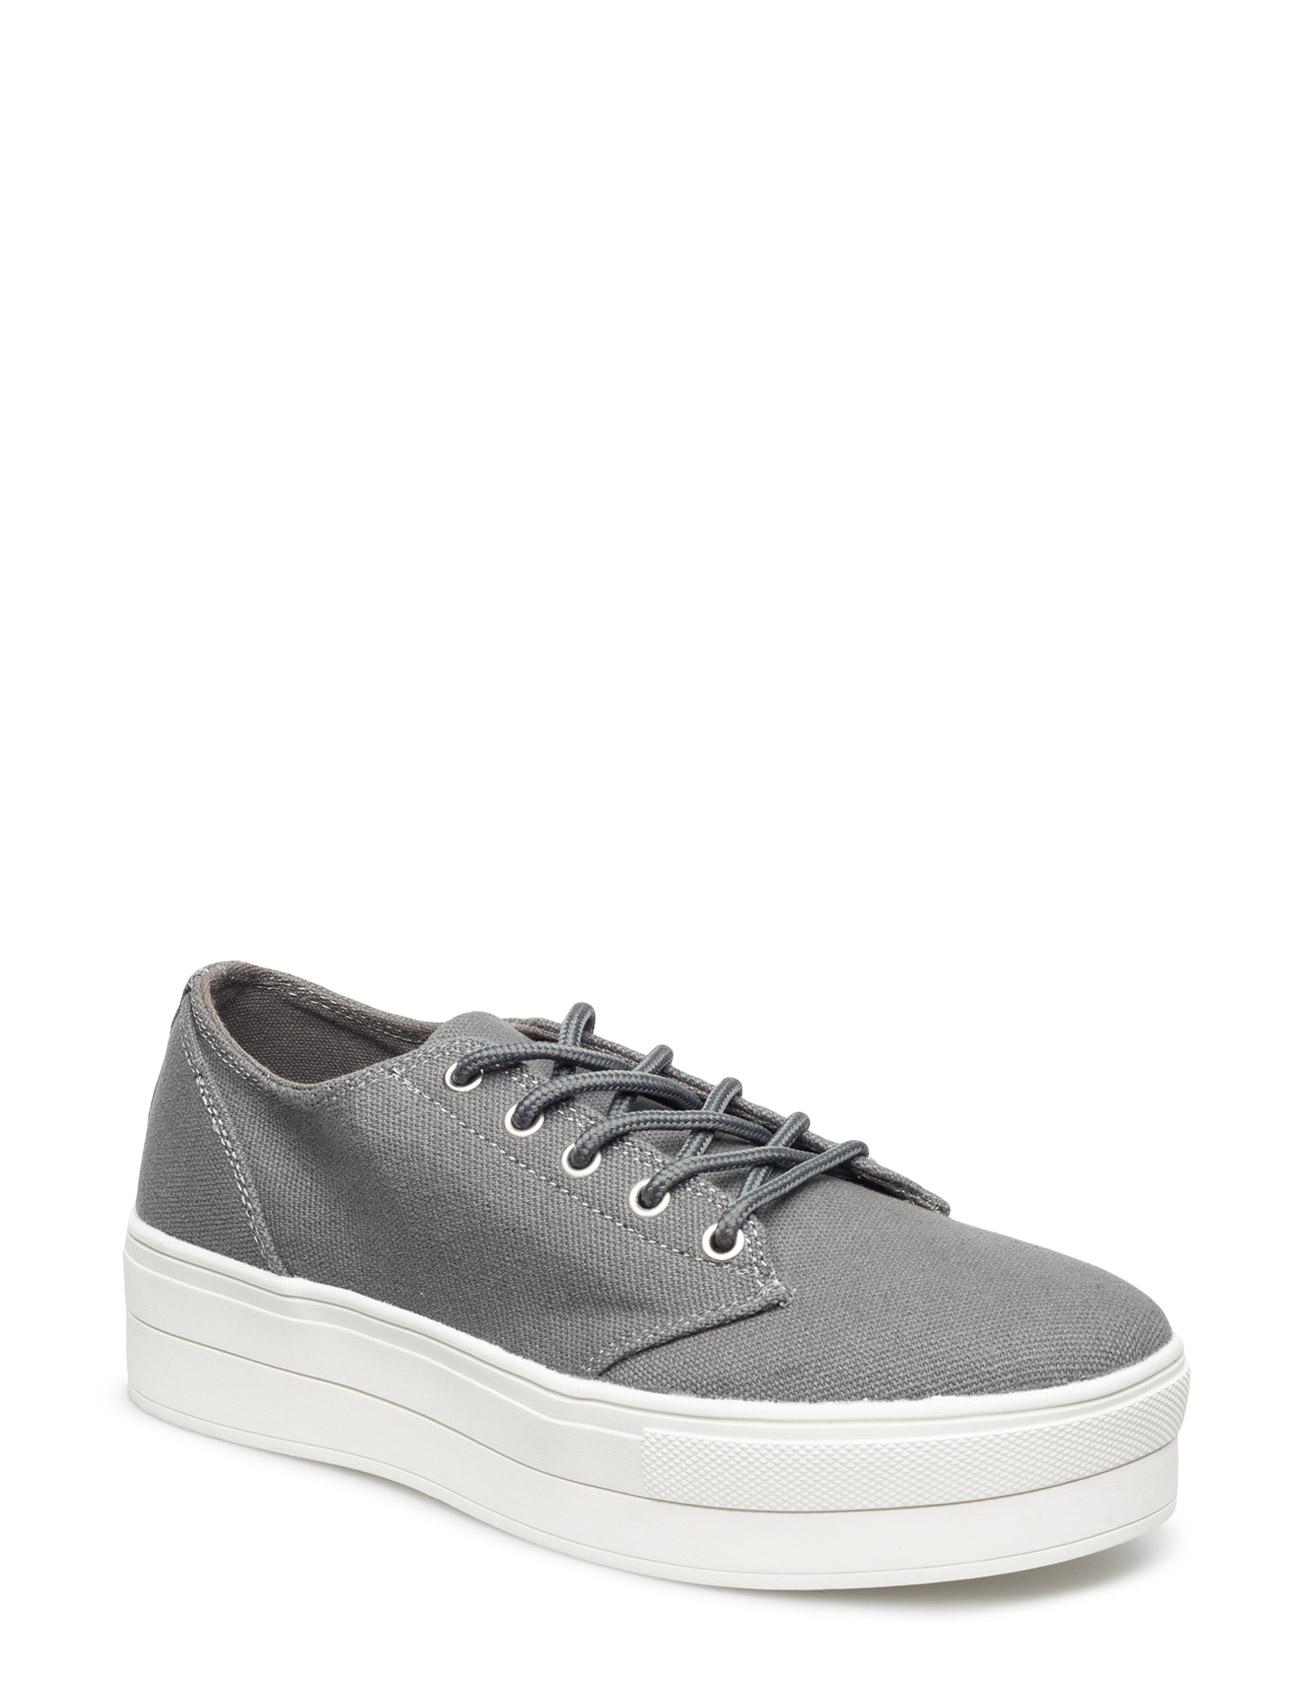 Flatform Sneaker Jja16 Bianco Sneakers til Damer i Grå